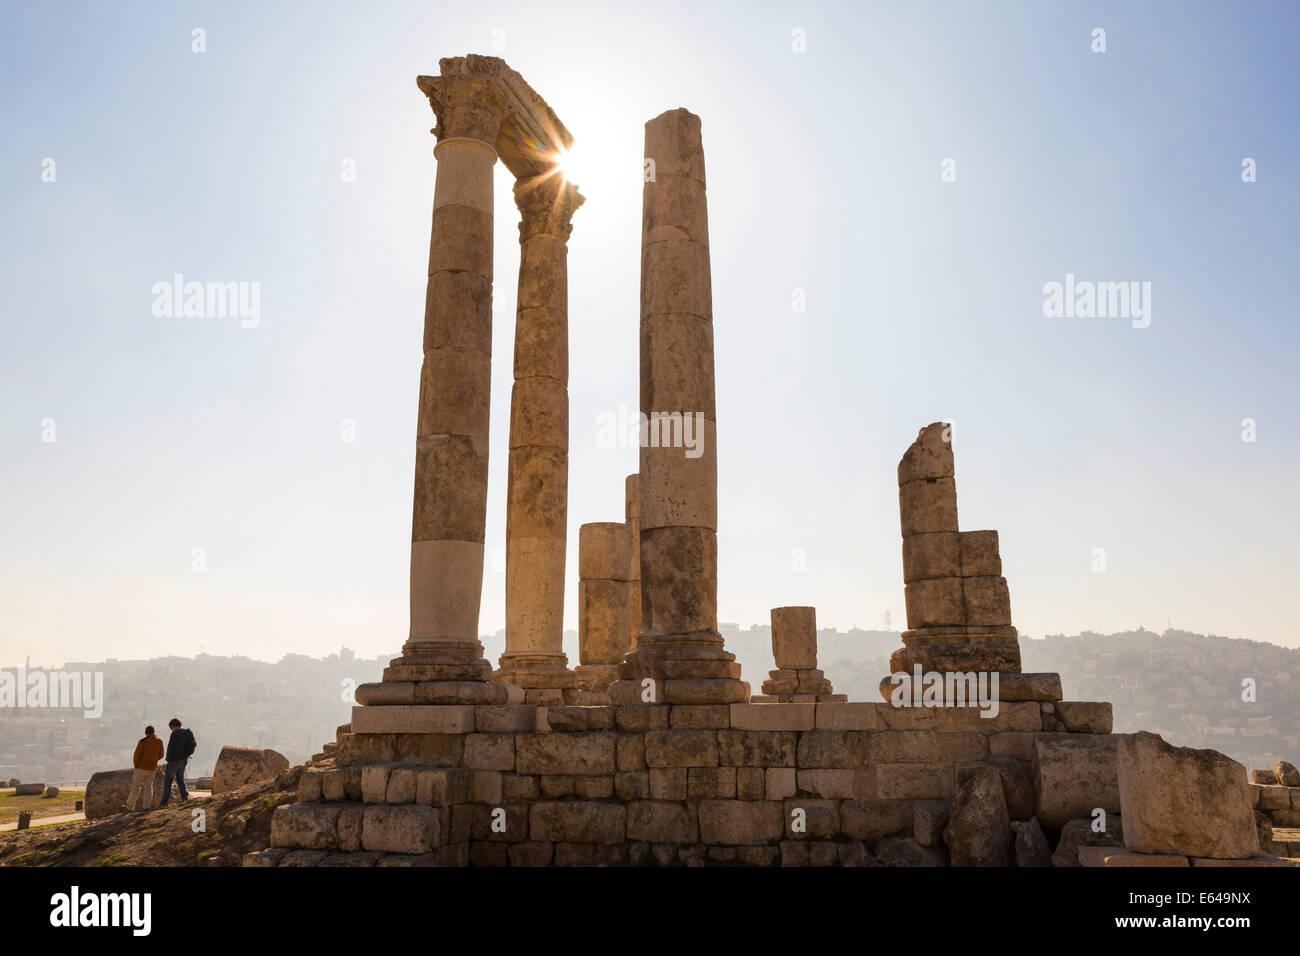 Resti del Tempio di Ercole sulla cittadella, Amman, Giordania Immagini Stock